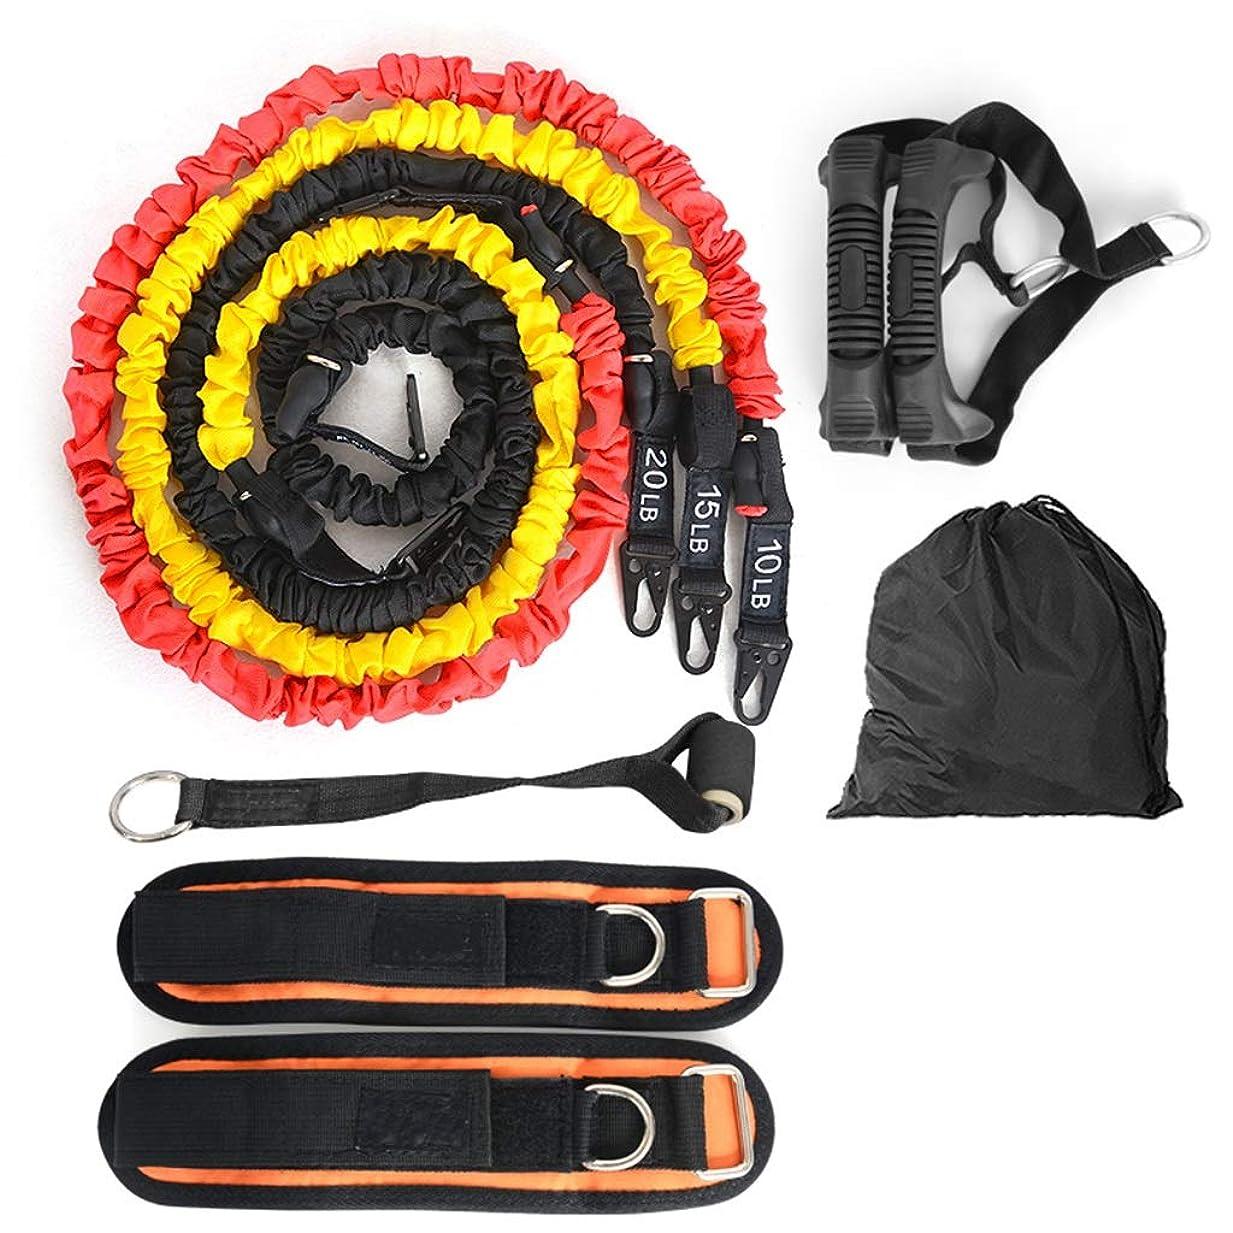 アジア人外国人急性多機能ワードロープの男性と女性のフィットネス機器の抵抗薄い腕のトレーニング弾性ロープ弾性ベルトテンショナー (色 : 45 pounds)